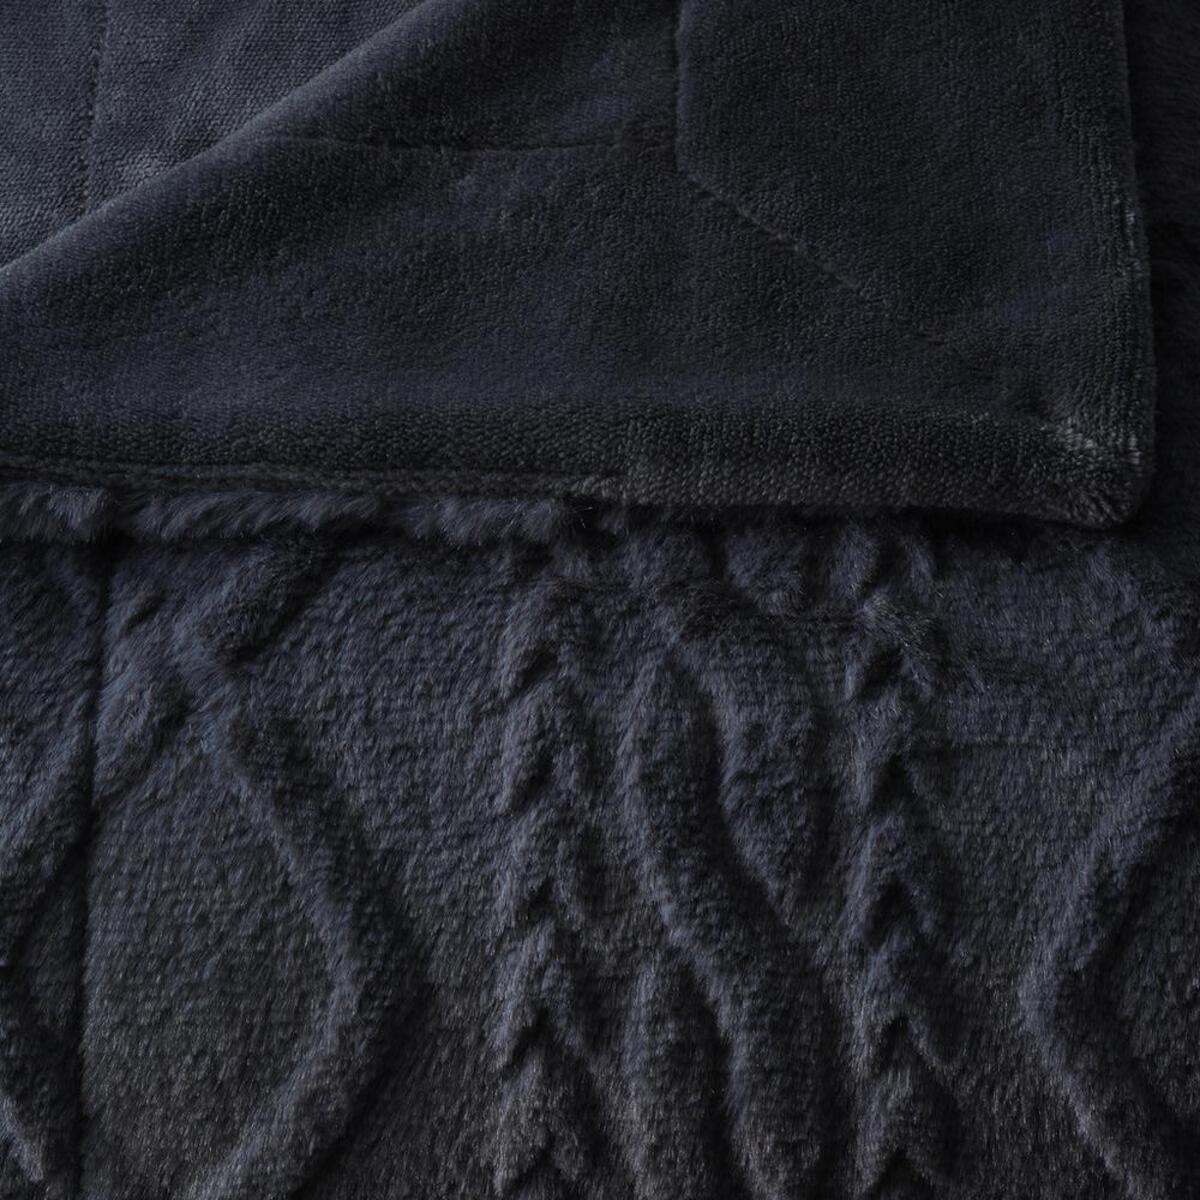 Bild 3 von Decke Anna in Grau ca. 130x170cm